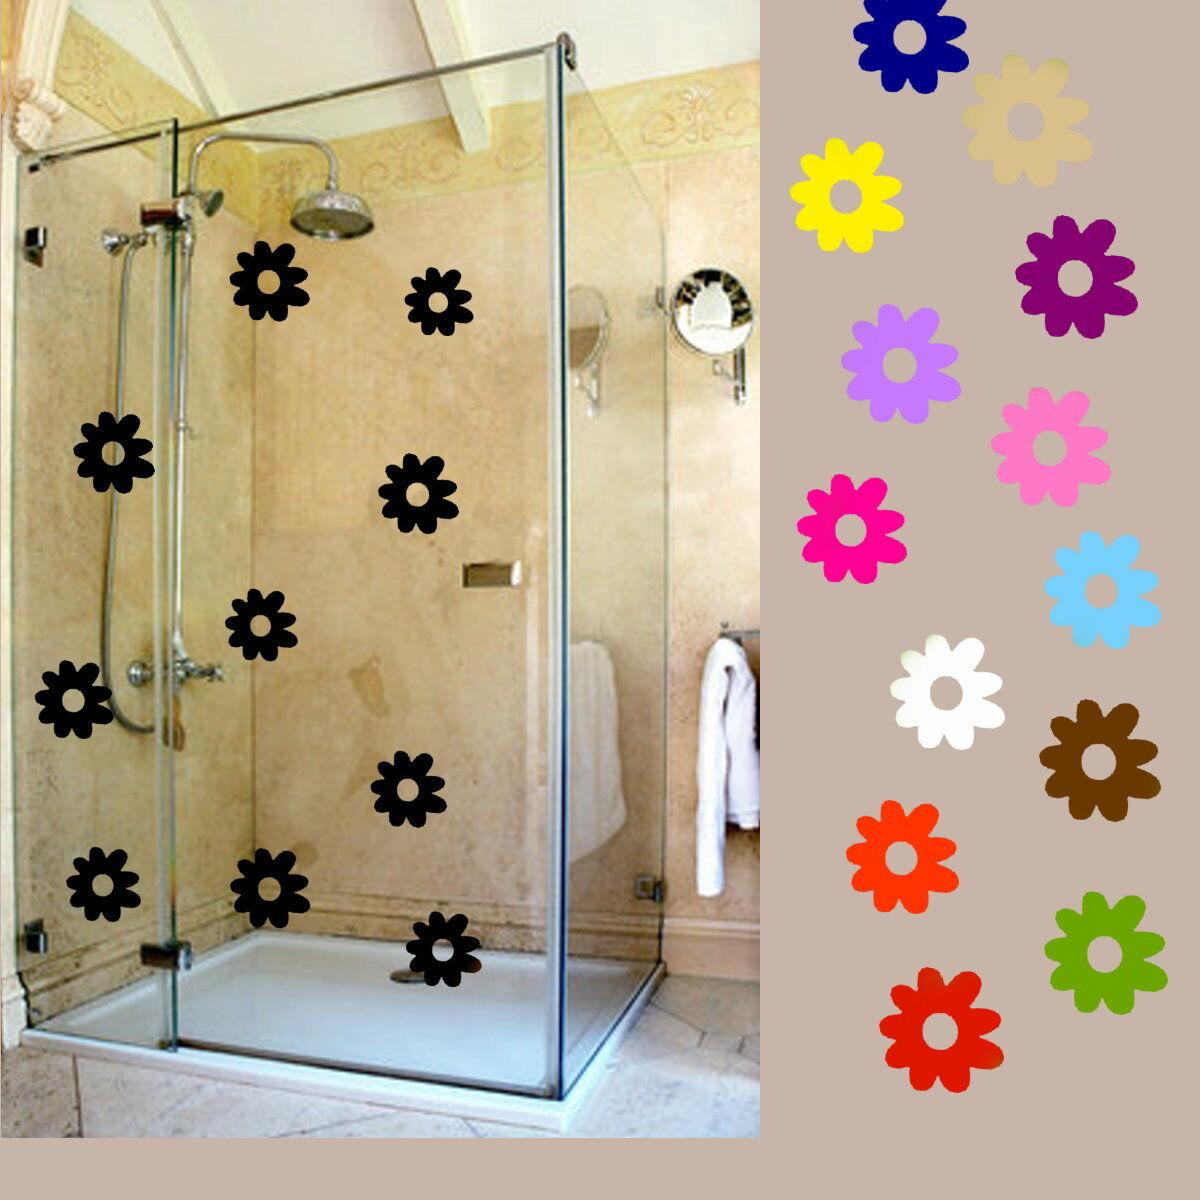 Aufkleber Blumen Set 10 Stück a.6 cm Fensteraufkleber  Wandtattoo,Möbelsticker